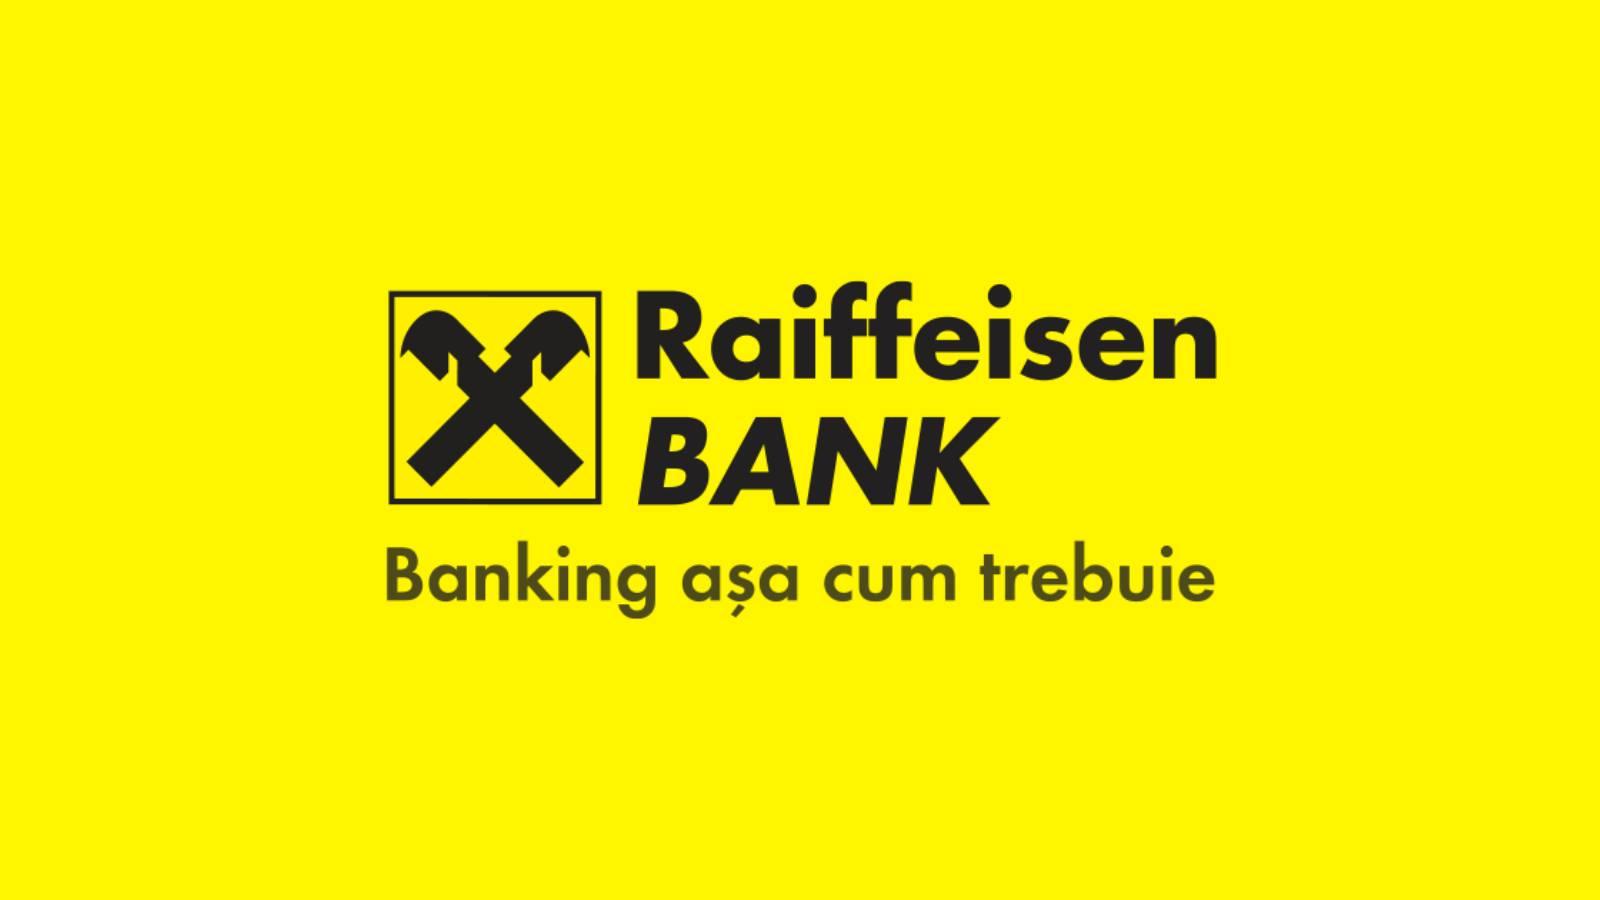 Raiffeisen Bank arta